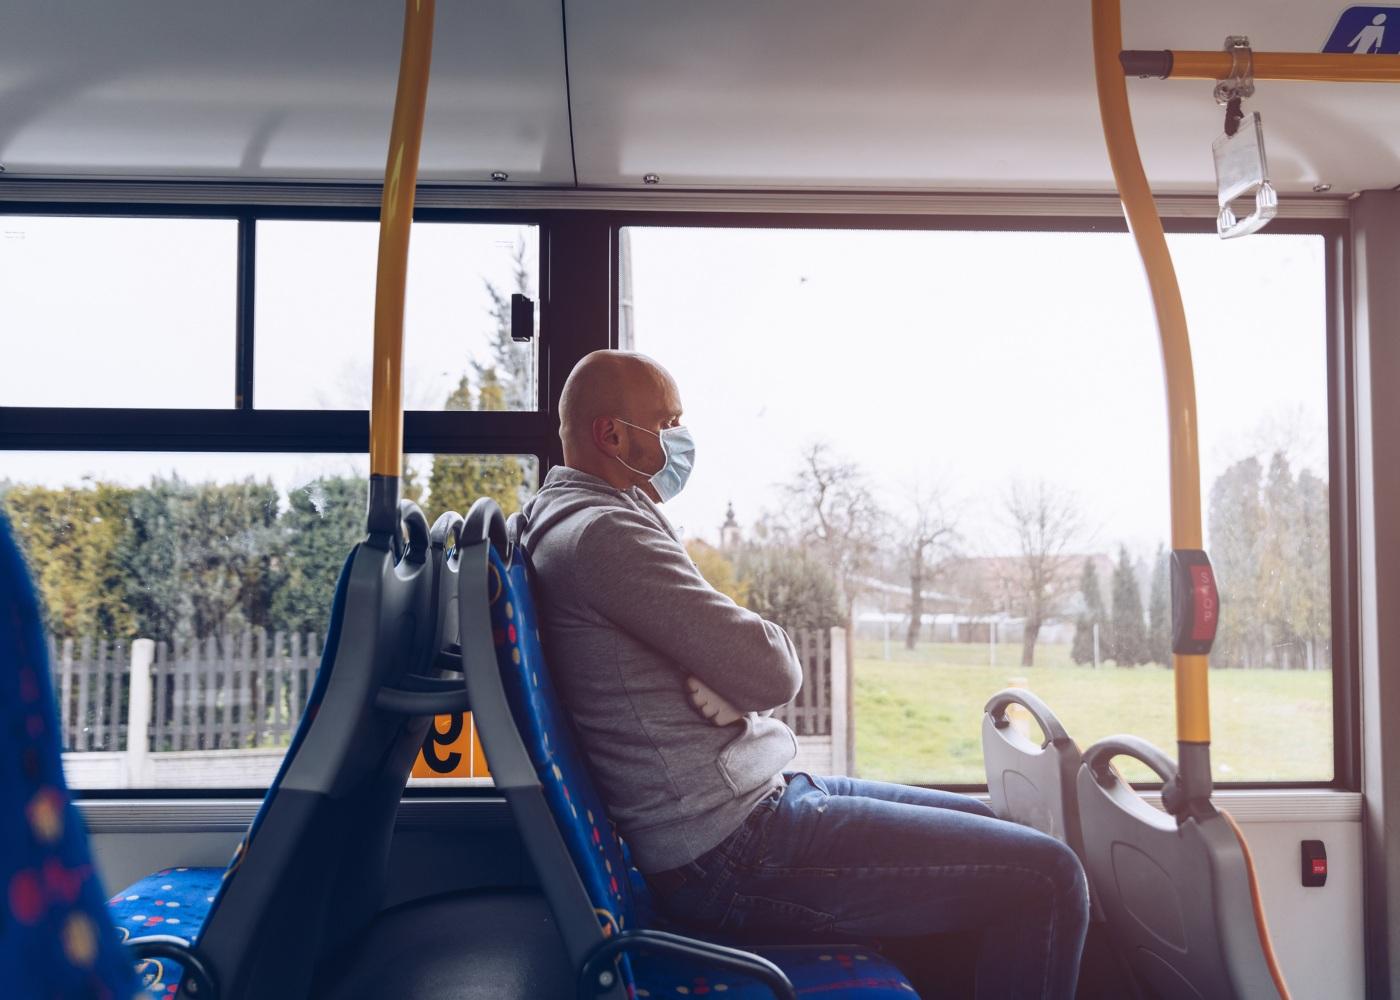 transportes-publicos-distanciamento